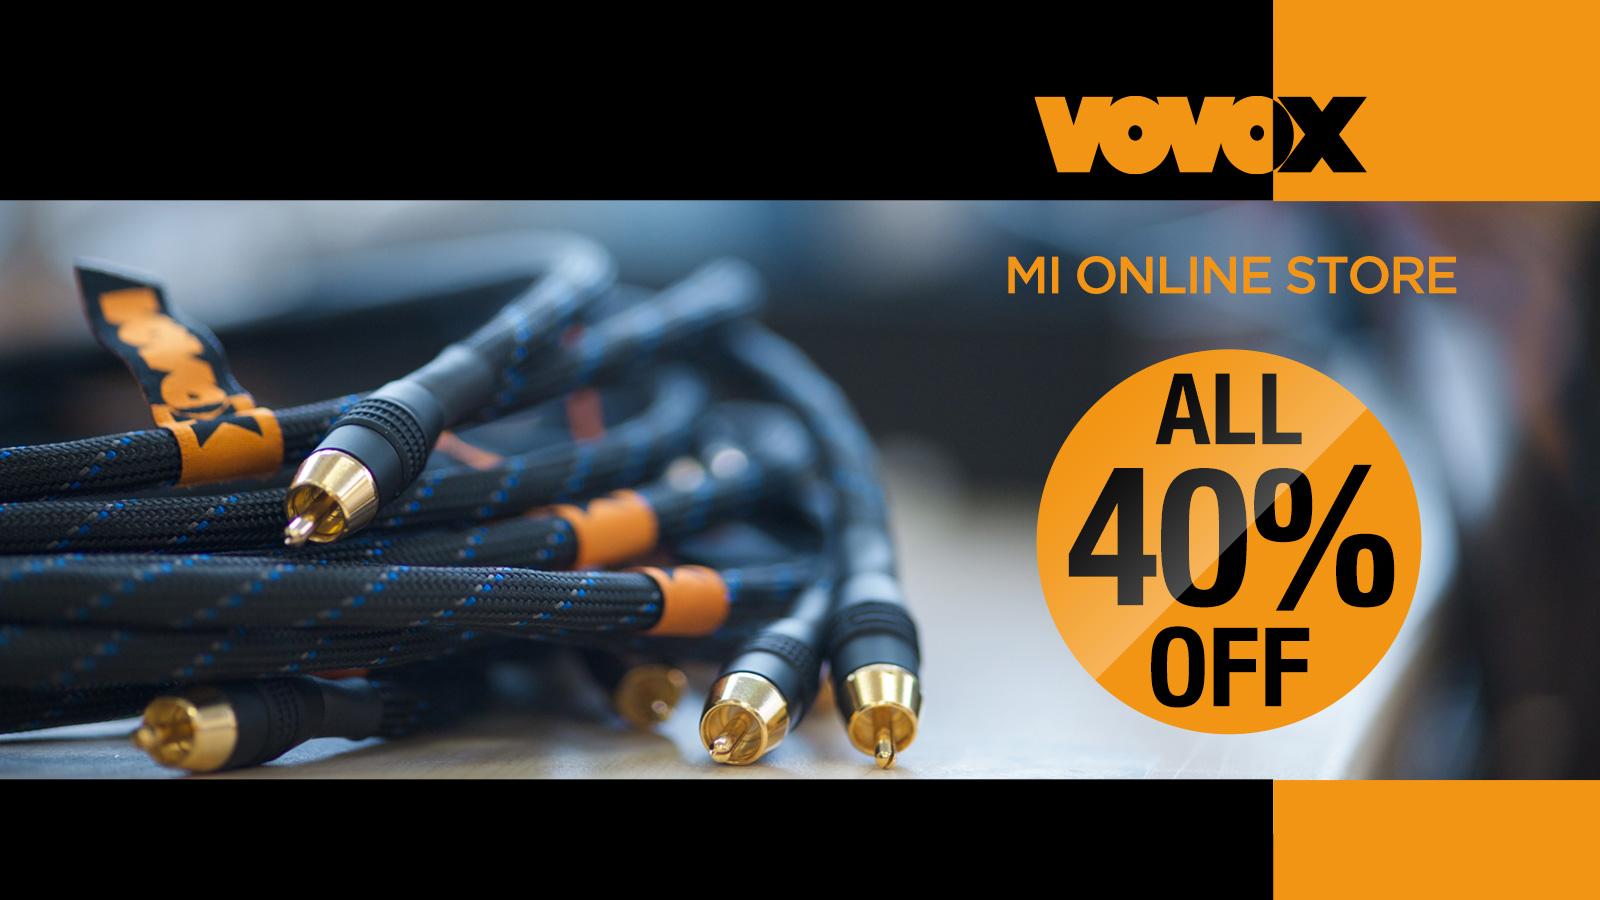 Vovoxケーブルが数量限定で一律40%オフ!Vovoxブラックフライデー・プロモーション